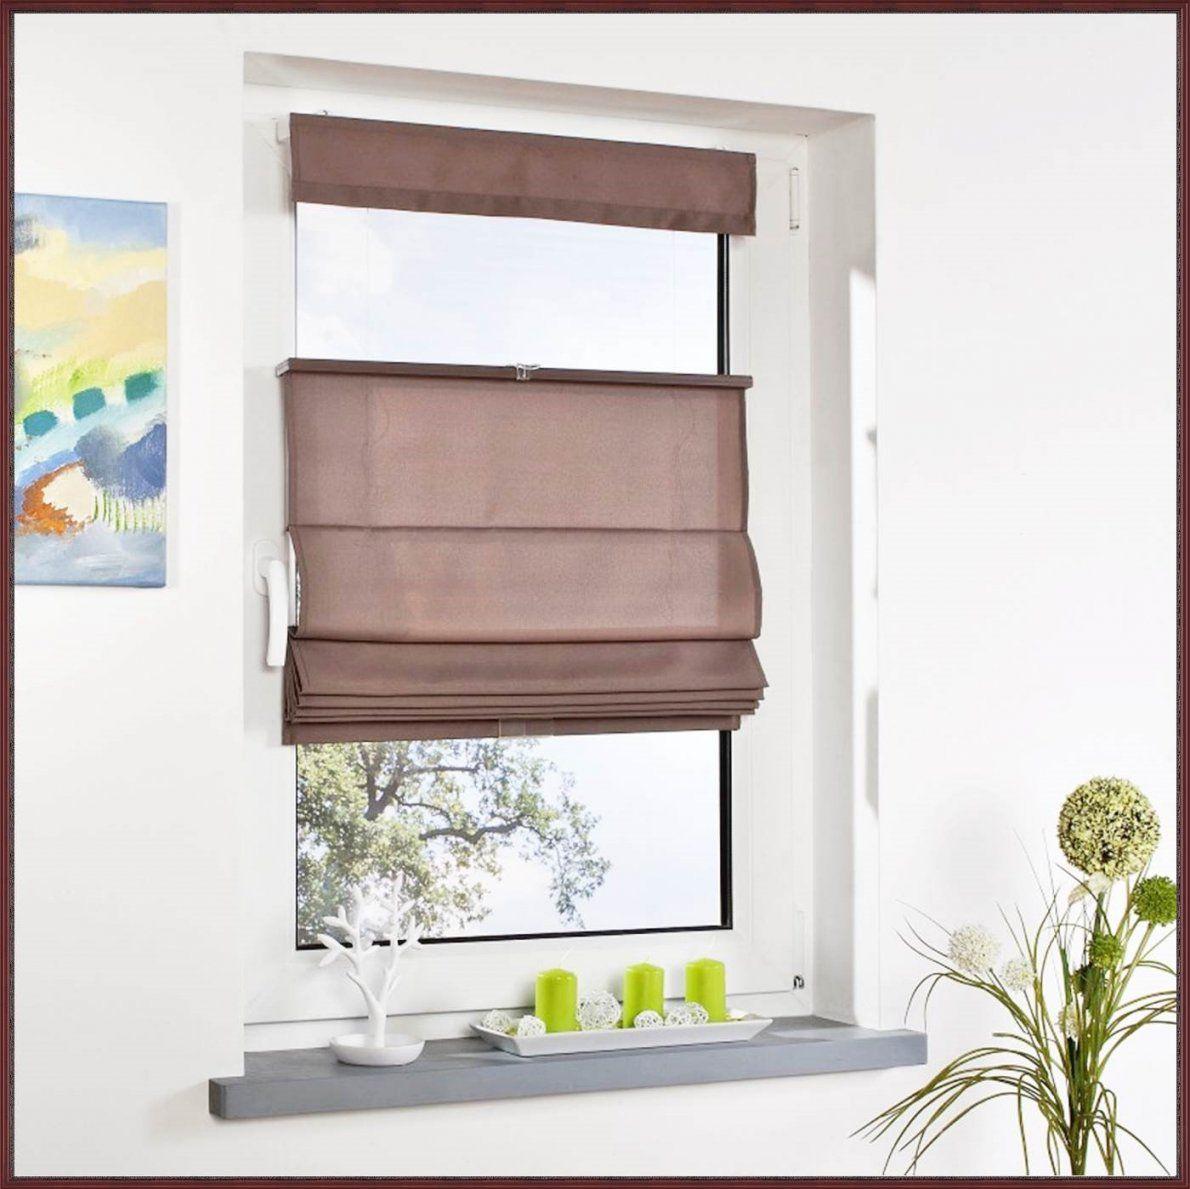 Gardinen Außergewöhnlich Gardinen Ohne Bohren Aufhängen von Gardinenbefestigung Am Fenster Ohne Bohren Photo